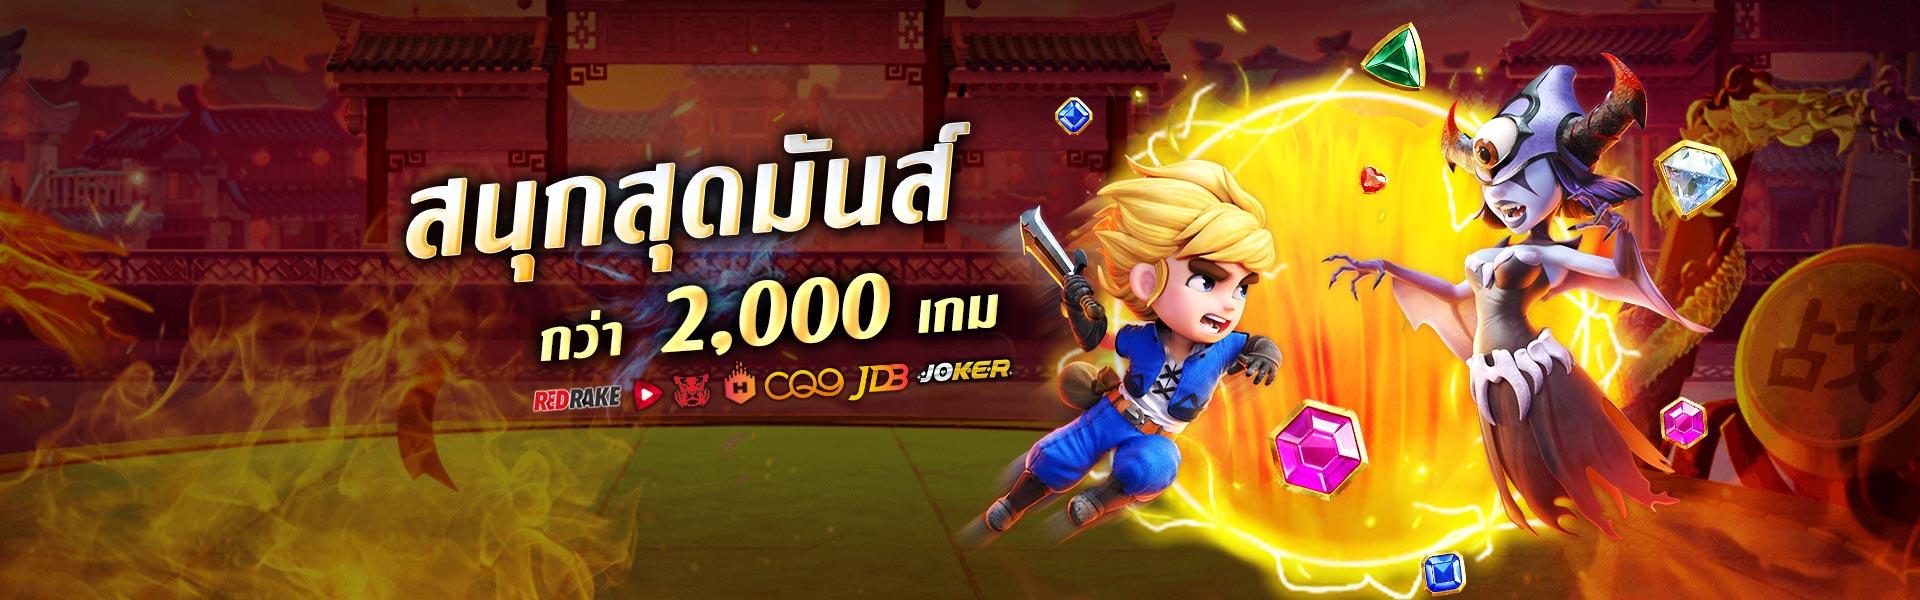 เกม Slot Online ฟรีเครดิตมากมาย จากหลากหลายค่าย